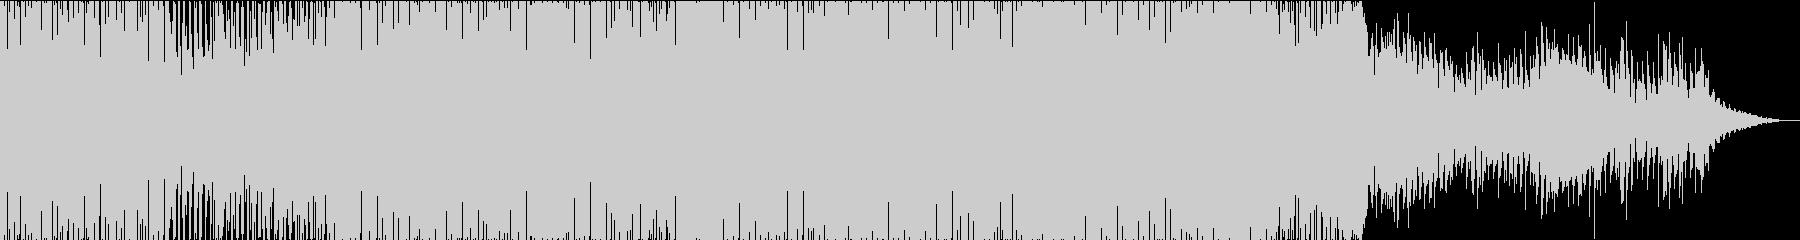 BGM向きの癖の少ないハウスサウンドの未再生の波形